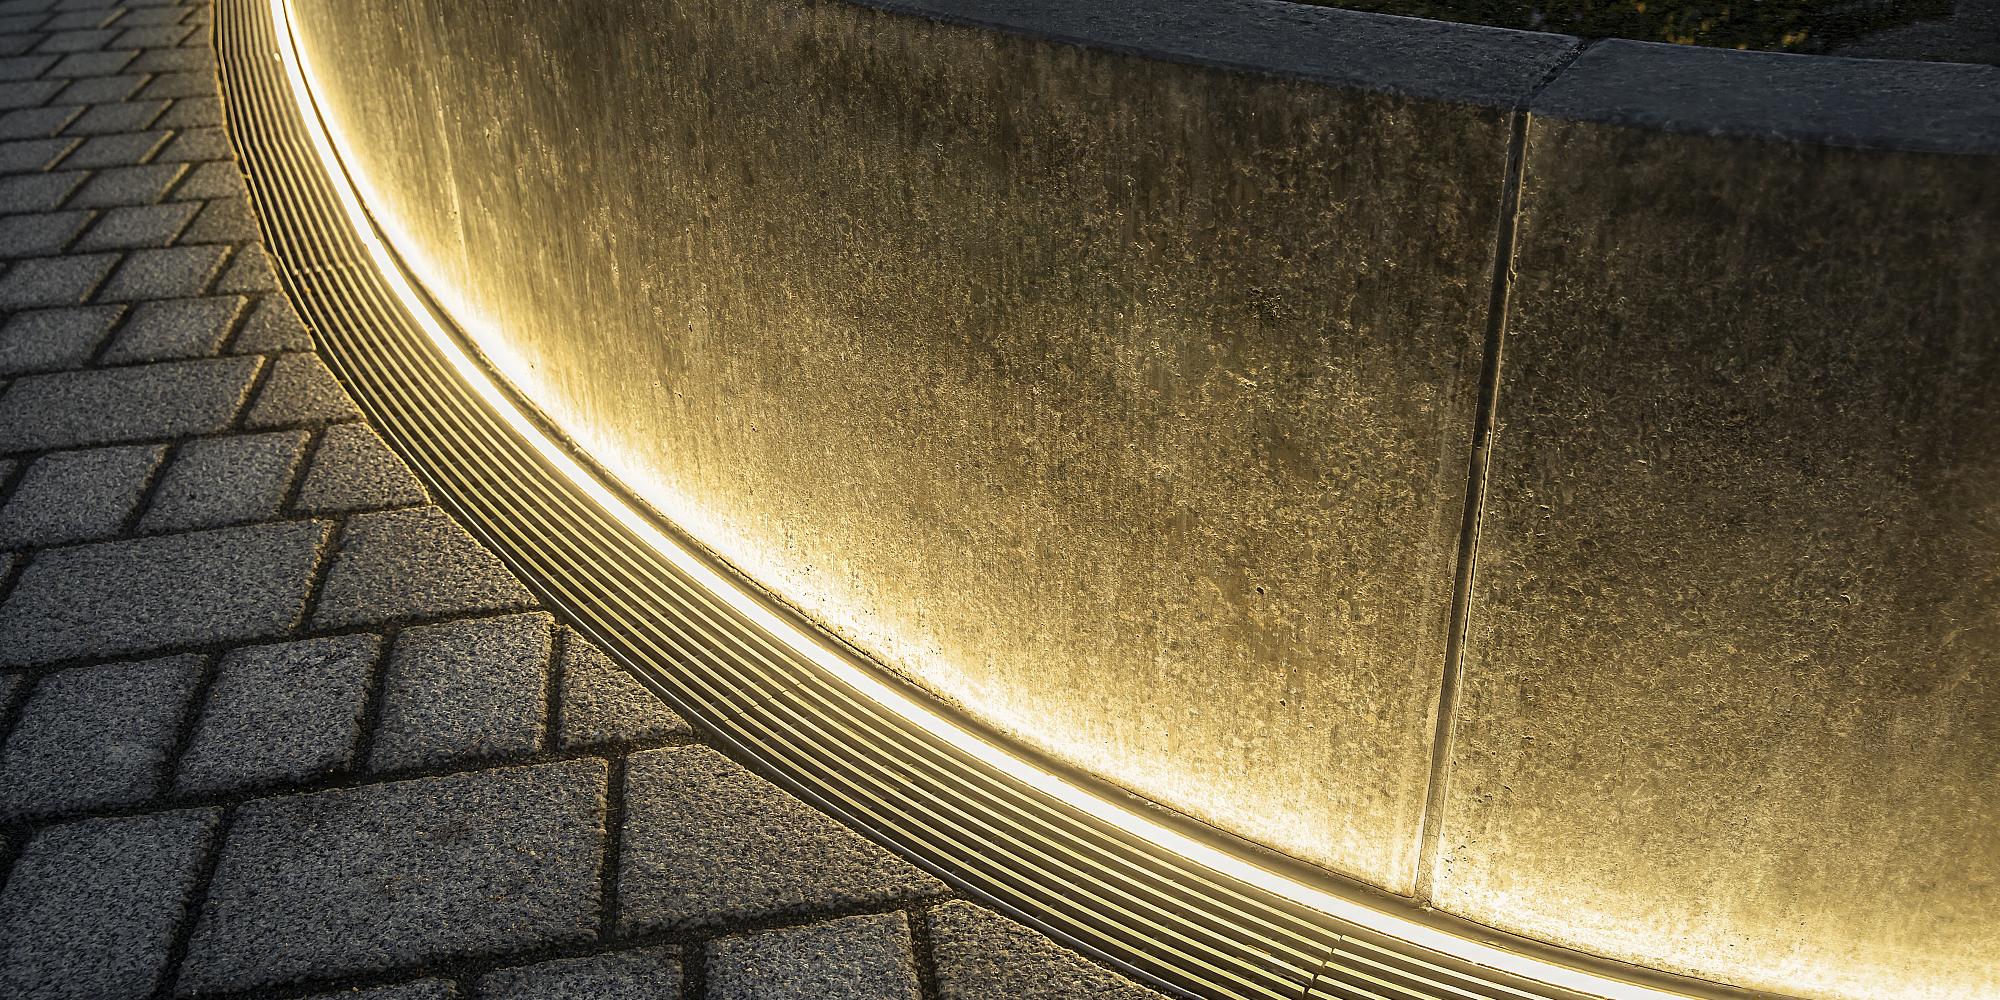 LED Drainlight